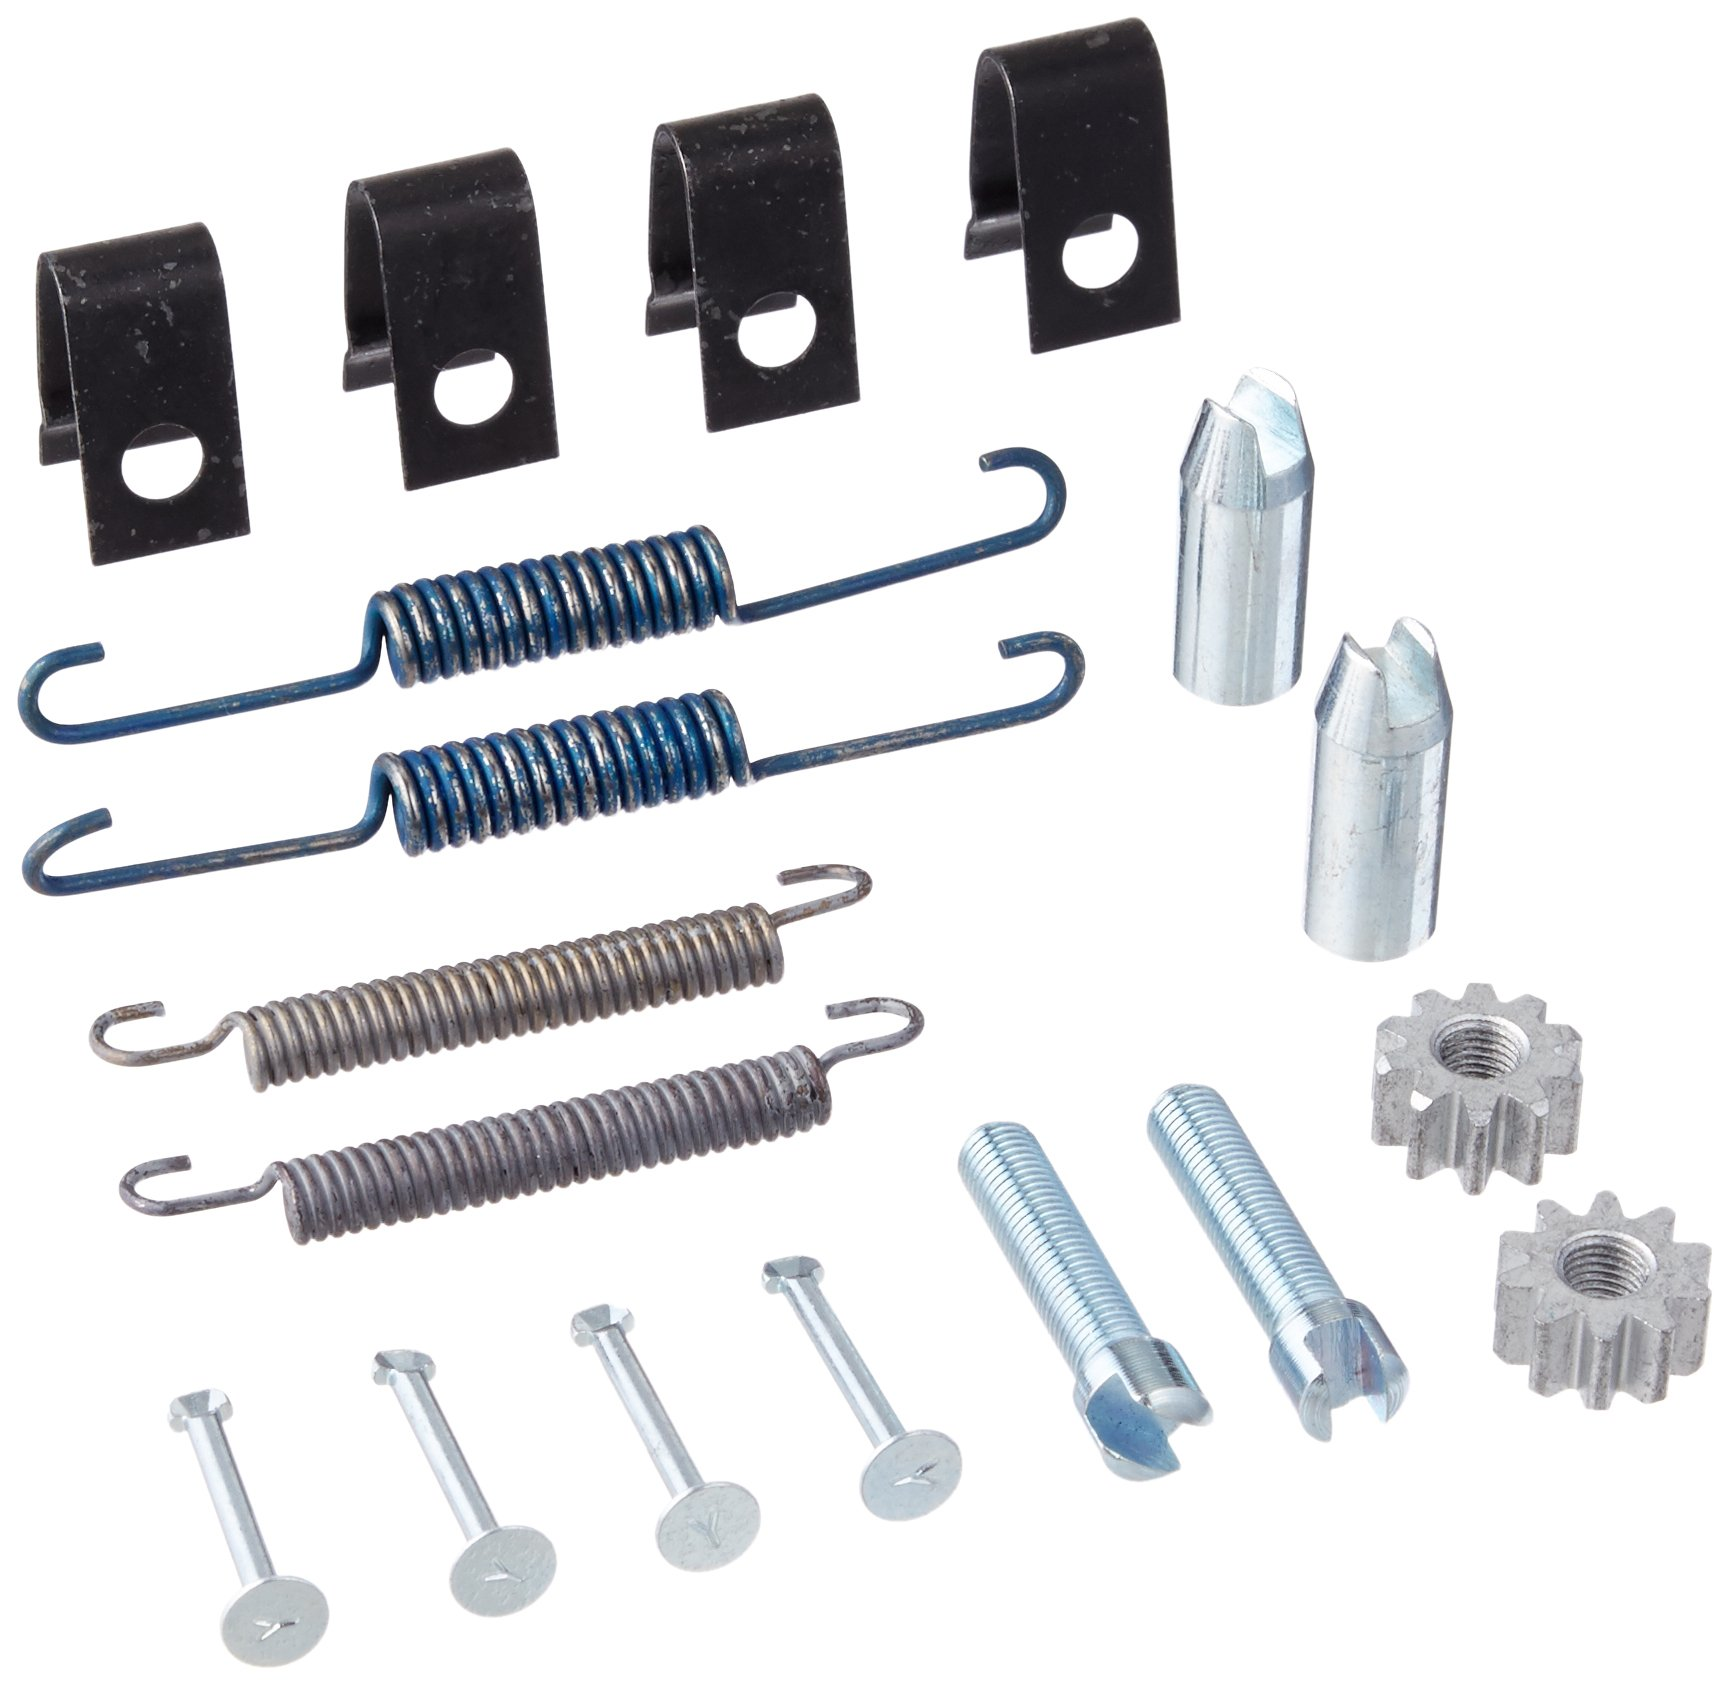 Carlson Quality Brake Parts H7306 Drum Hardware Kit